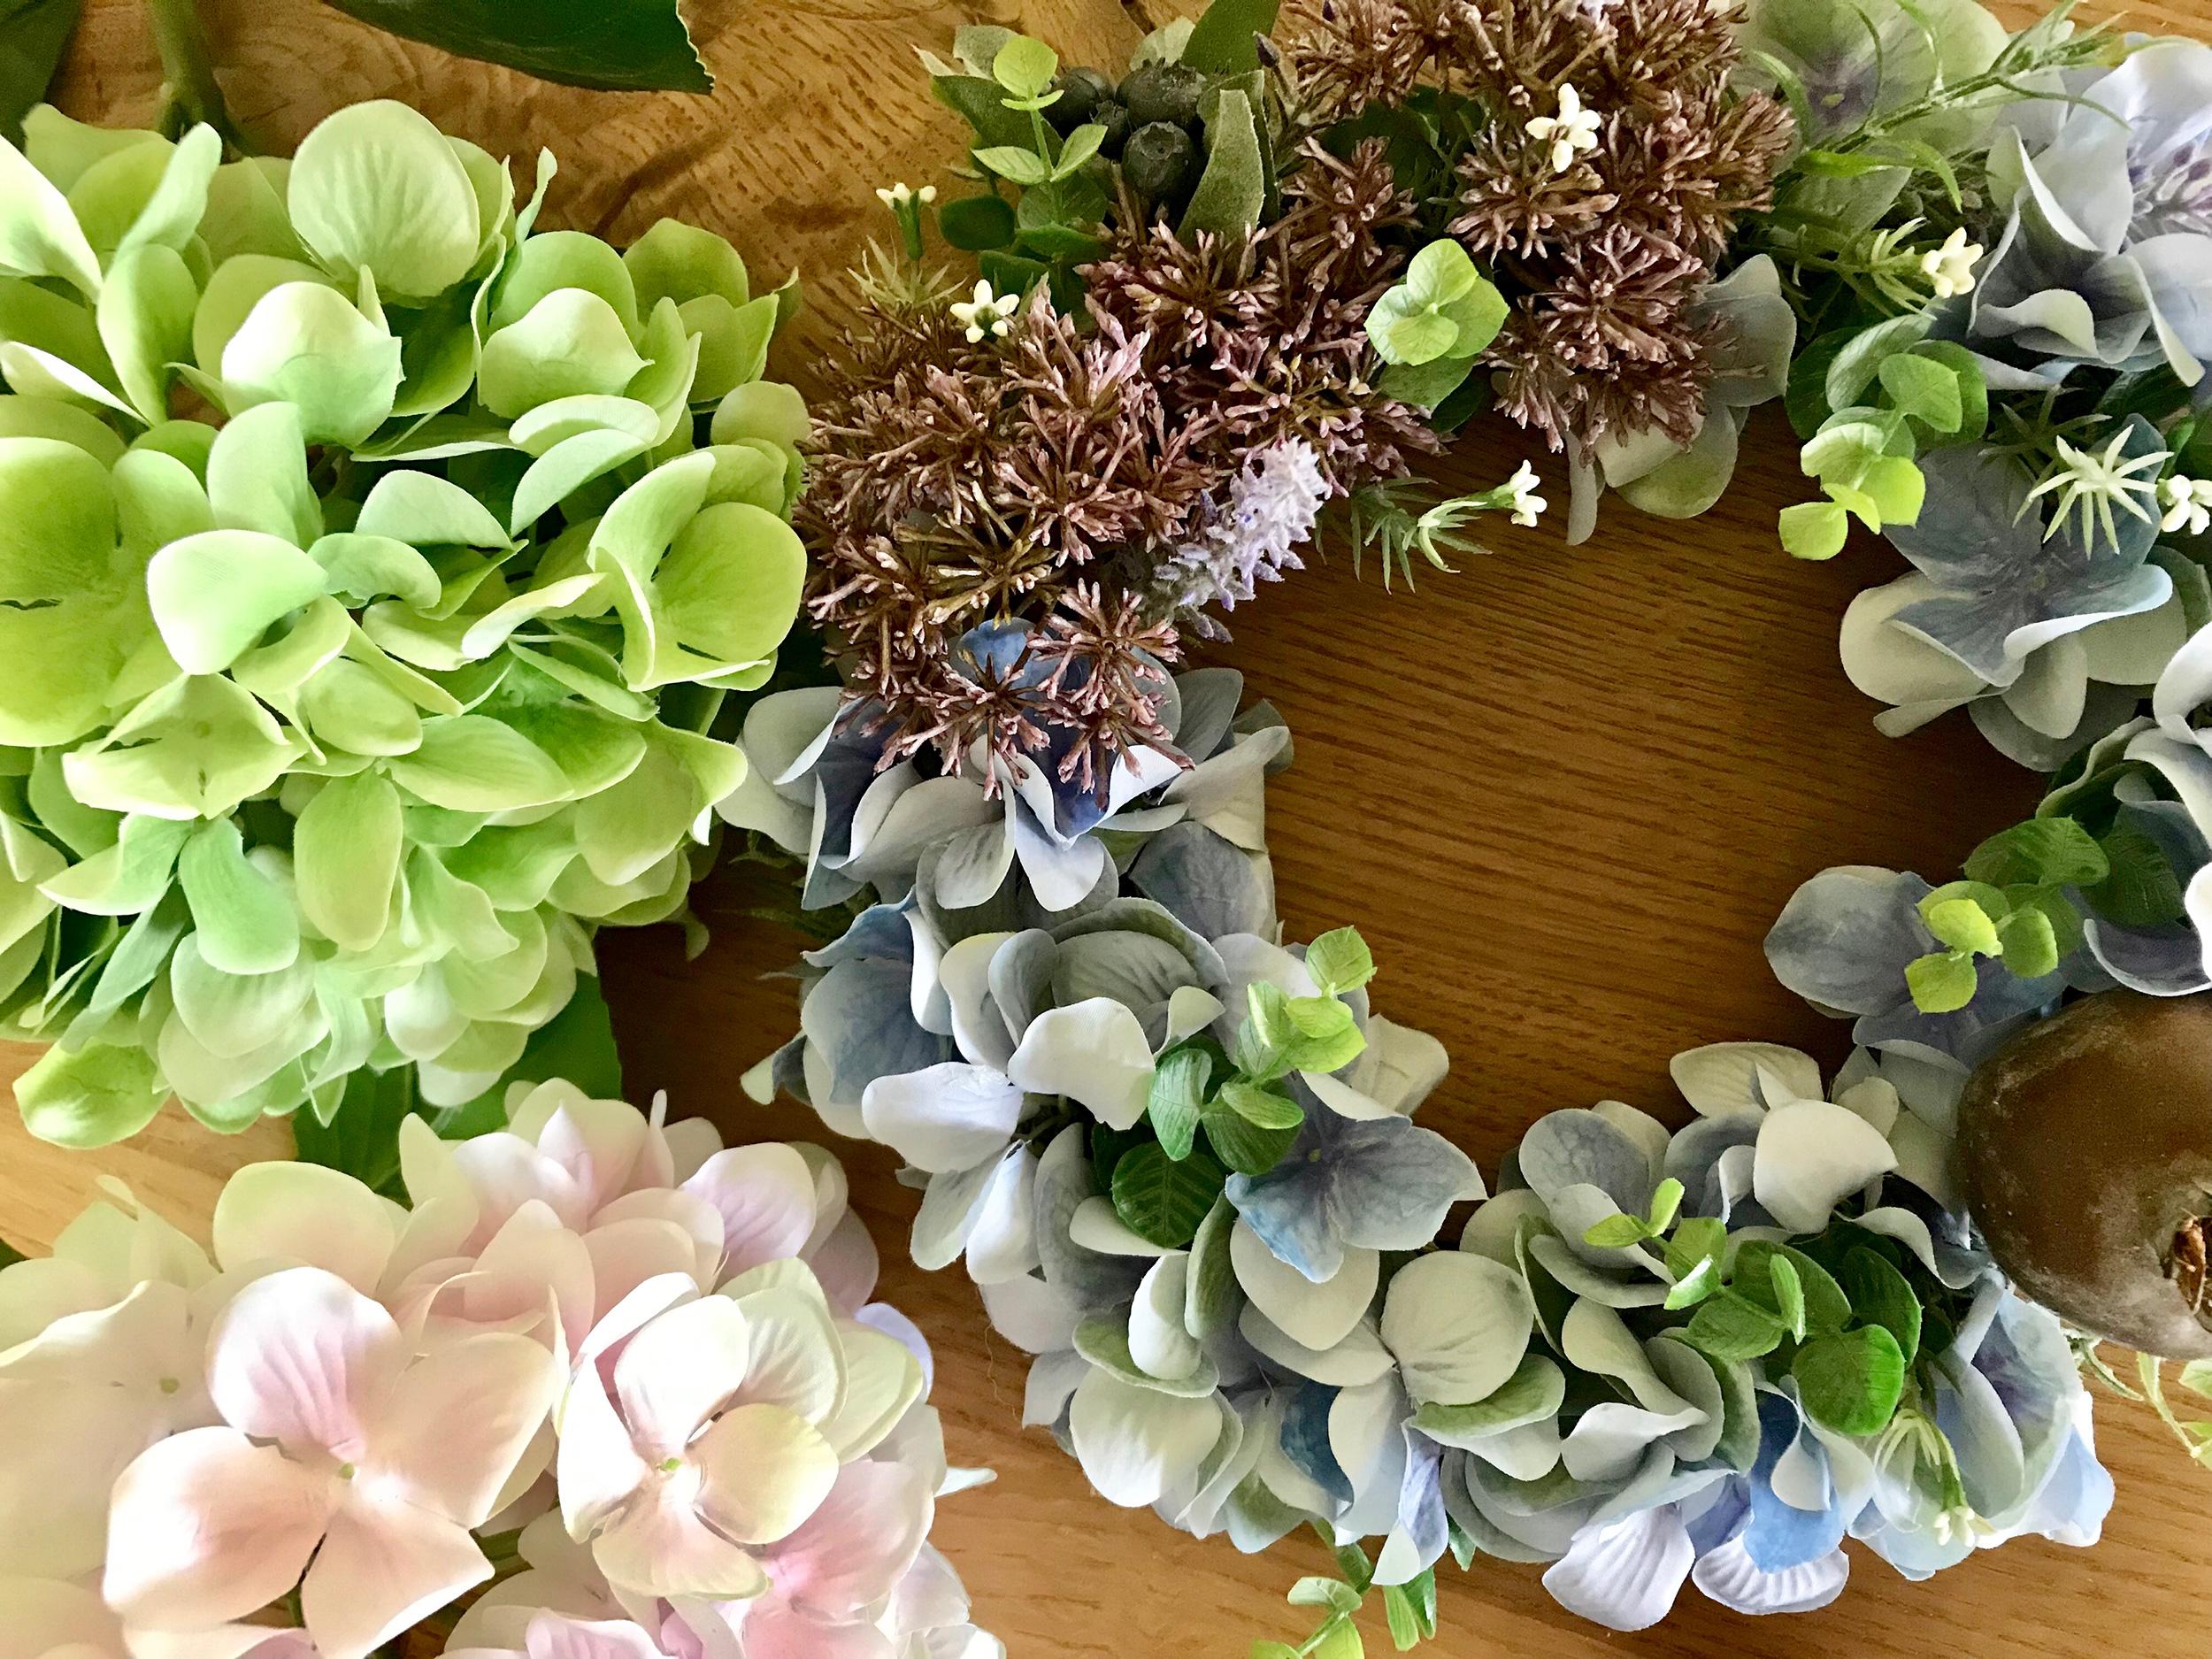 紫陽花の季節を楽しむ♫ 初夏の「ボタニカルリース作り」 ワークショップ